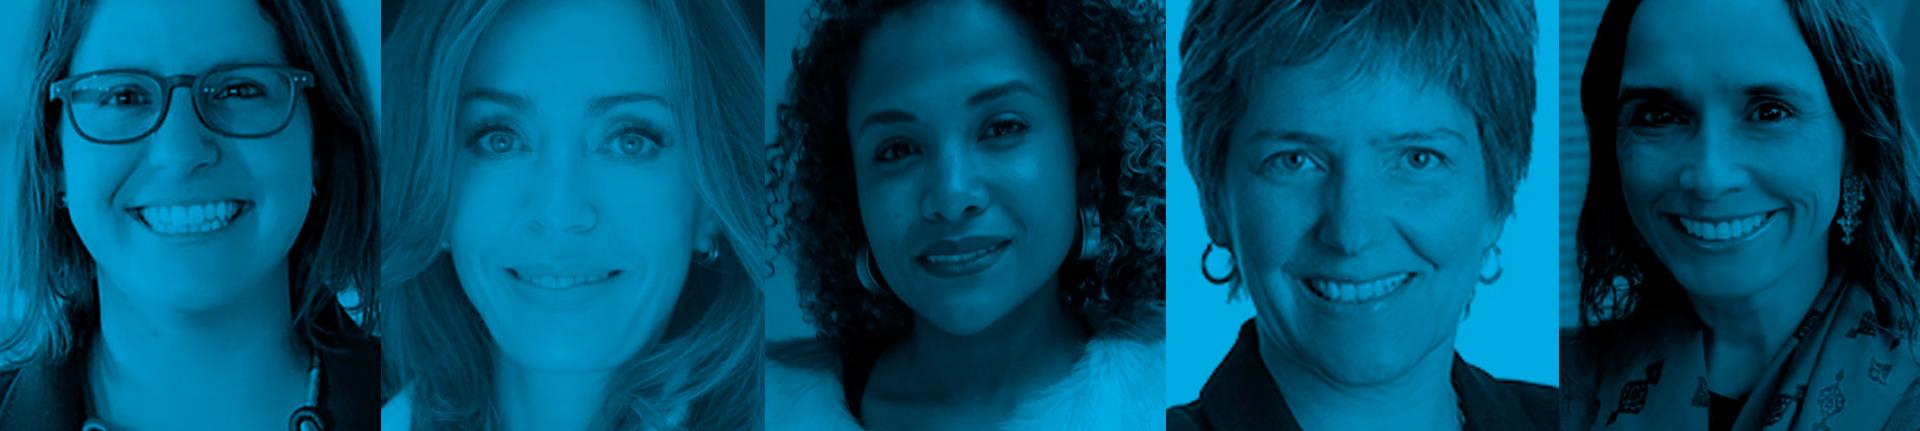 Curso de Liderazgo Femenino: Aprende a través de la experiencia con La Silla Vacía